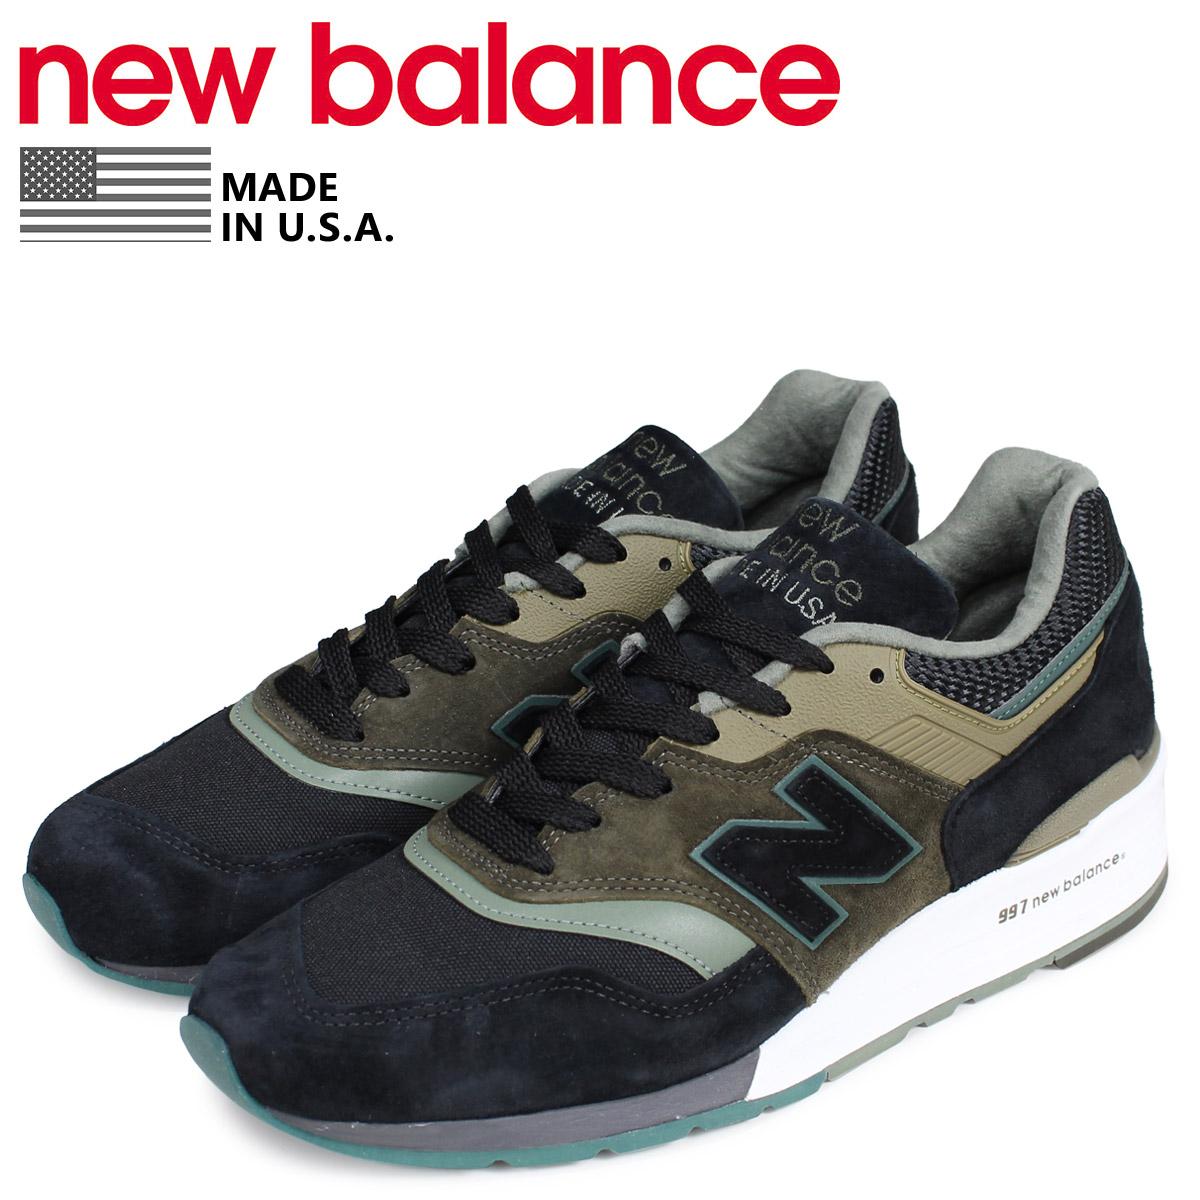 new balance ニューバランス 997 スニーカー メンズ Dワイズ MADE IN USA ブラック 黒 黒 M997PAA